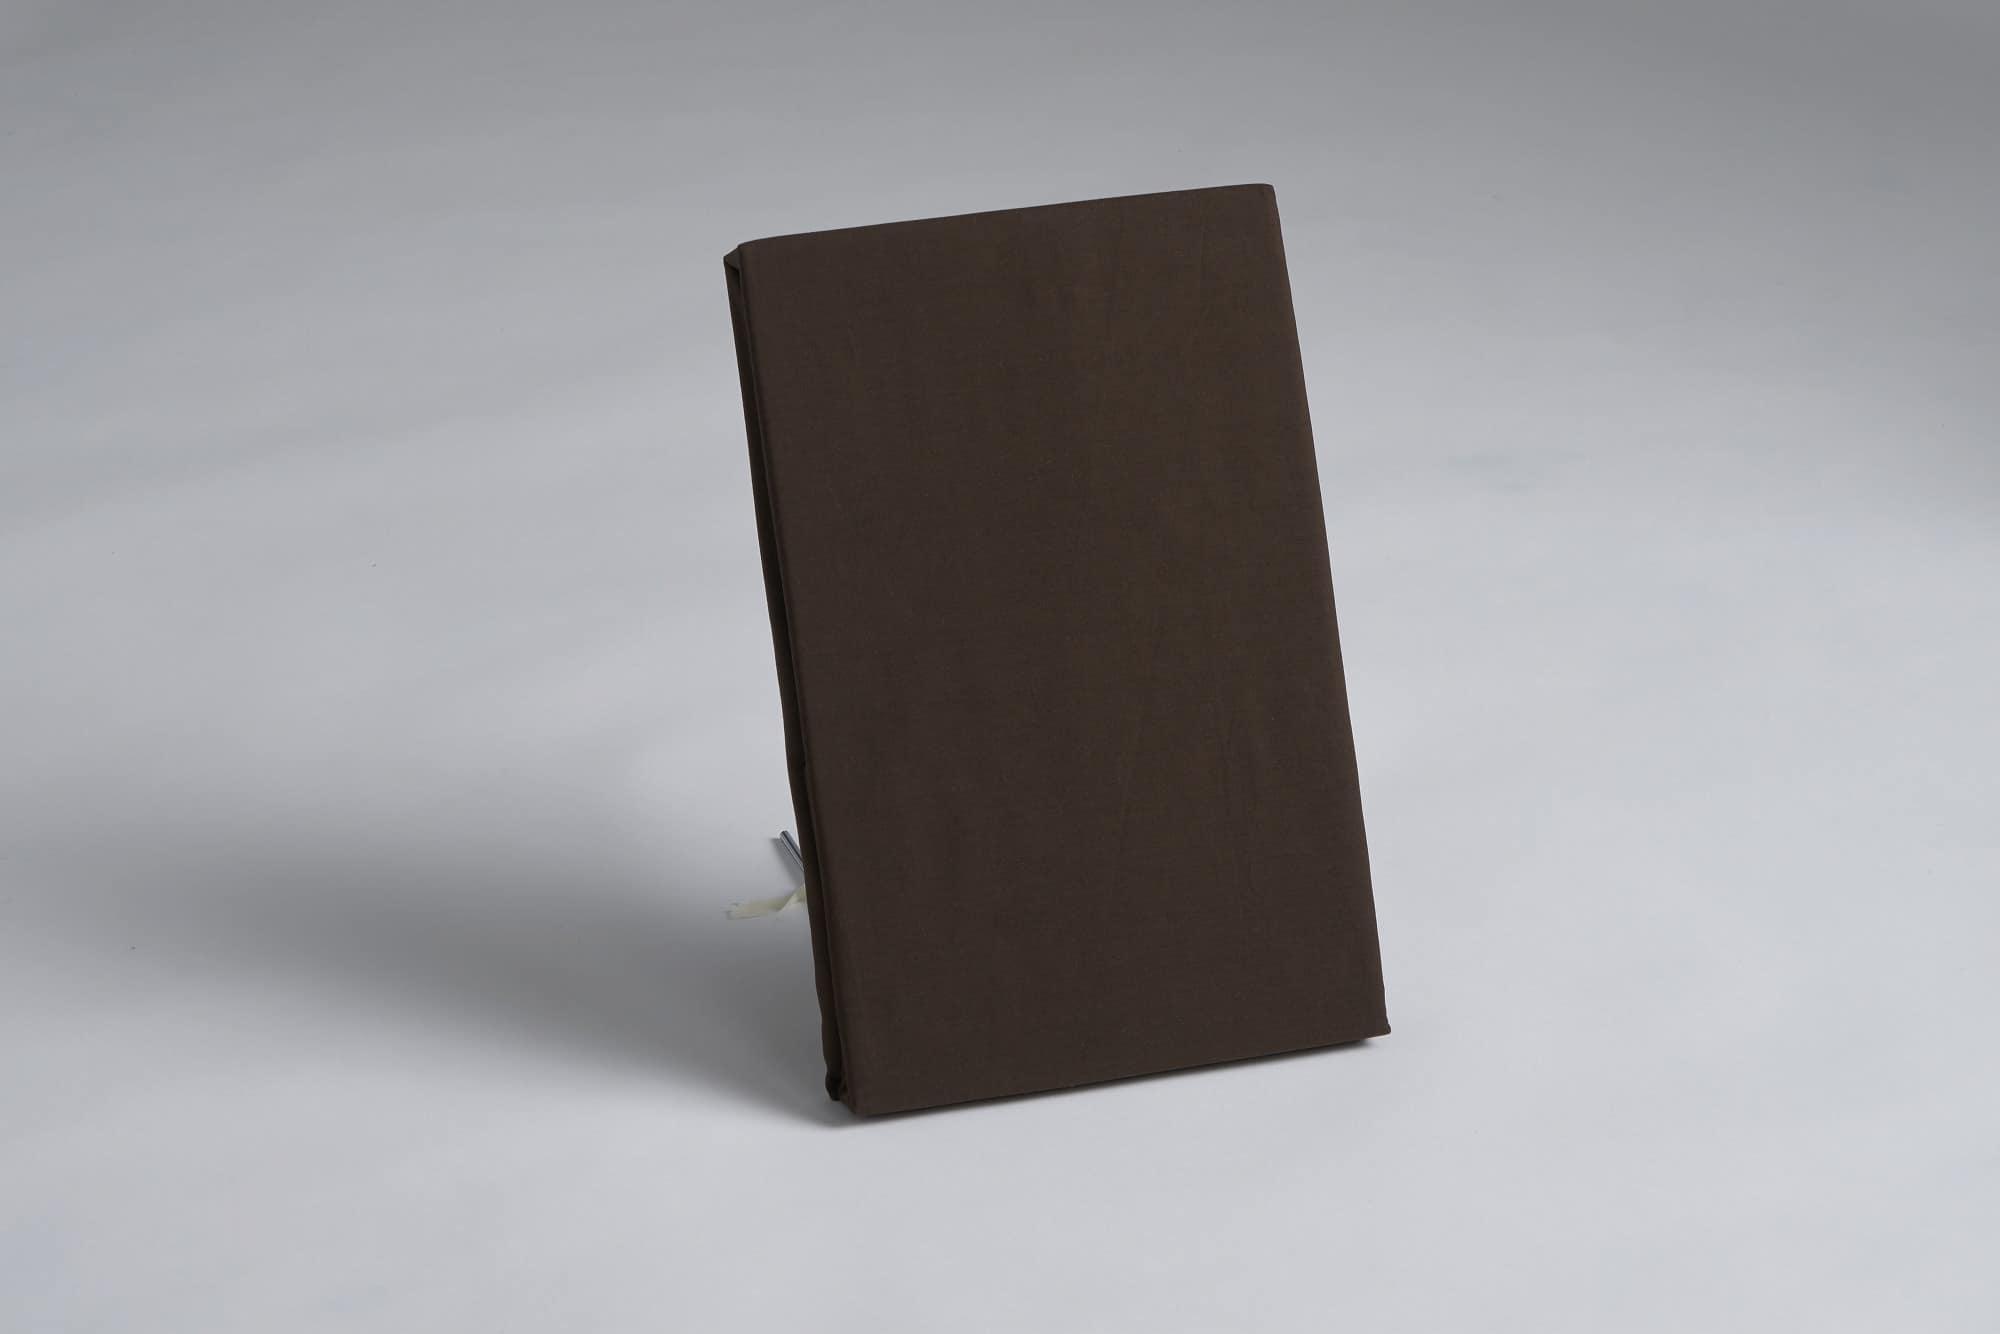 ボックスシーツ セミダブル用 30H ブラウン:《綿100%を使用したボックスシーツ》